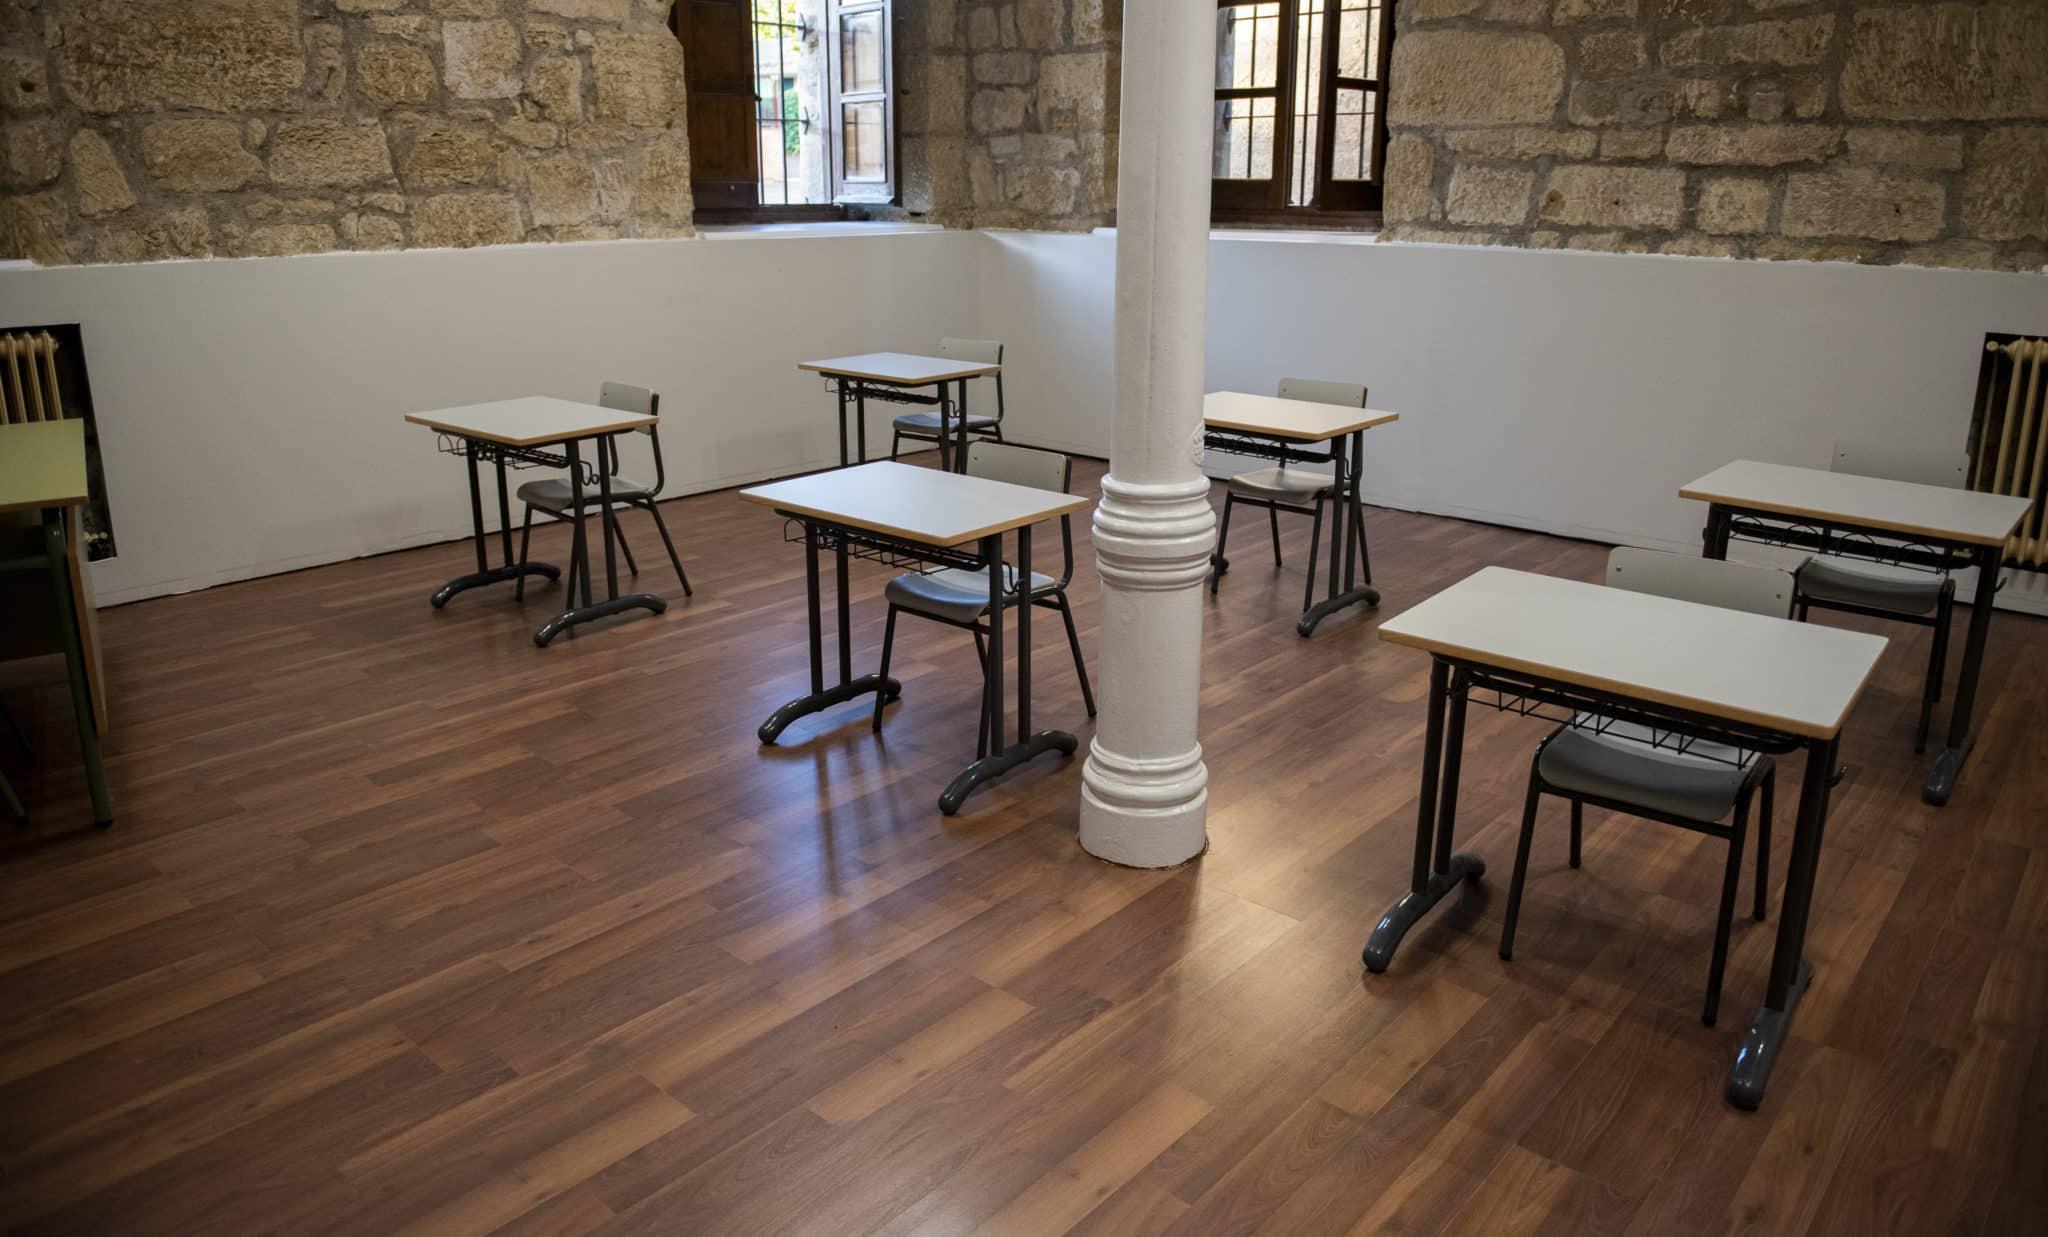 FOTOS: El Colegio de Ollauri recupera su actividad tras más de dos décadas cerrado 15